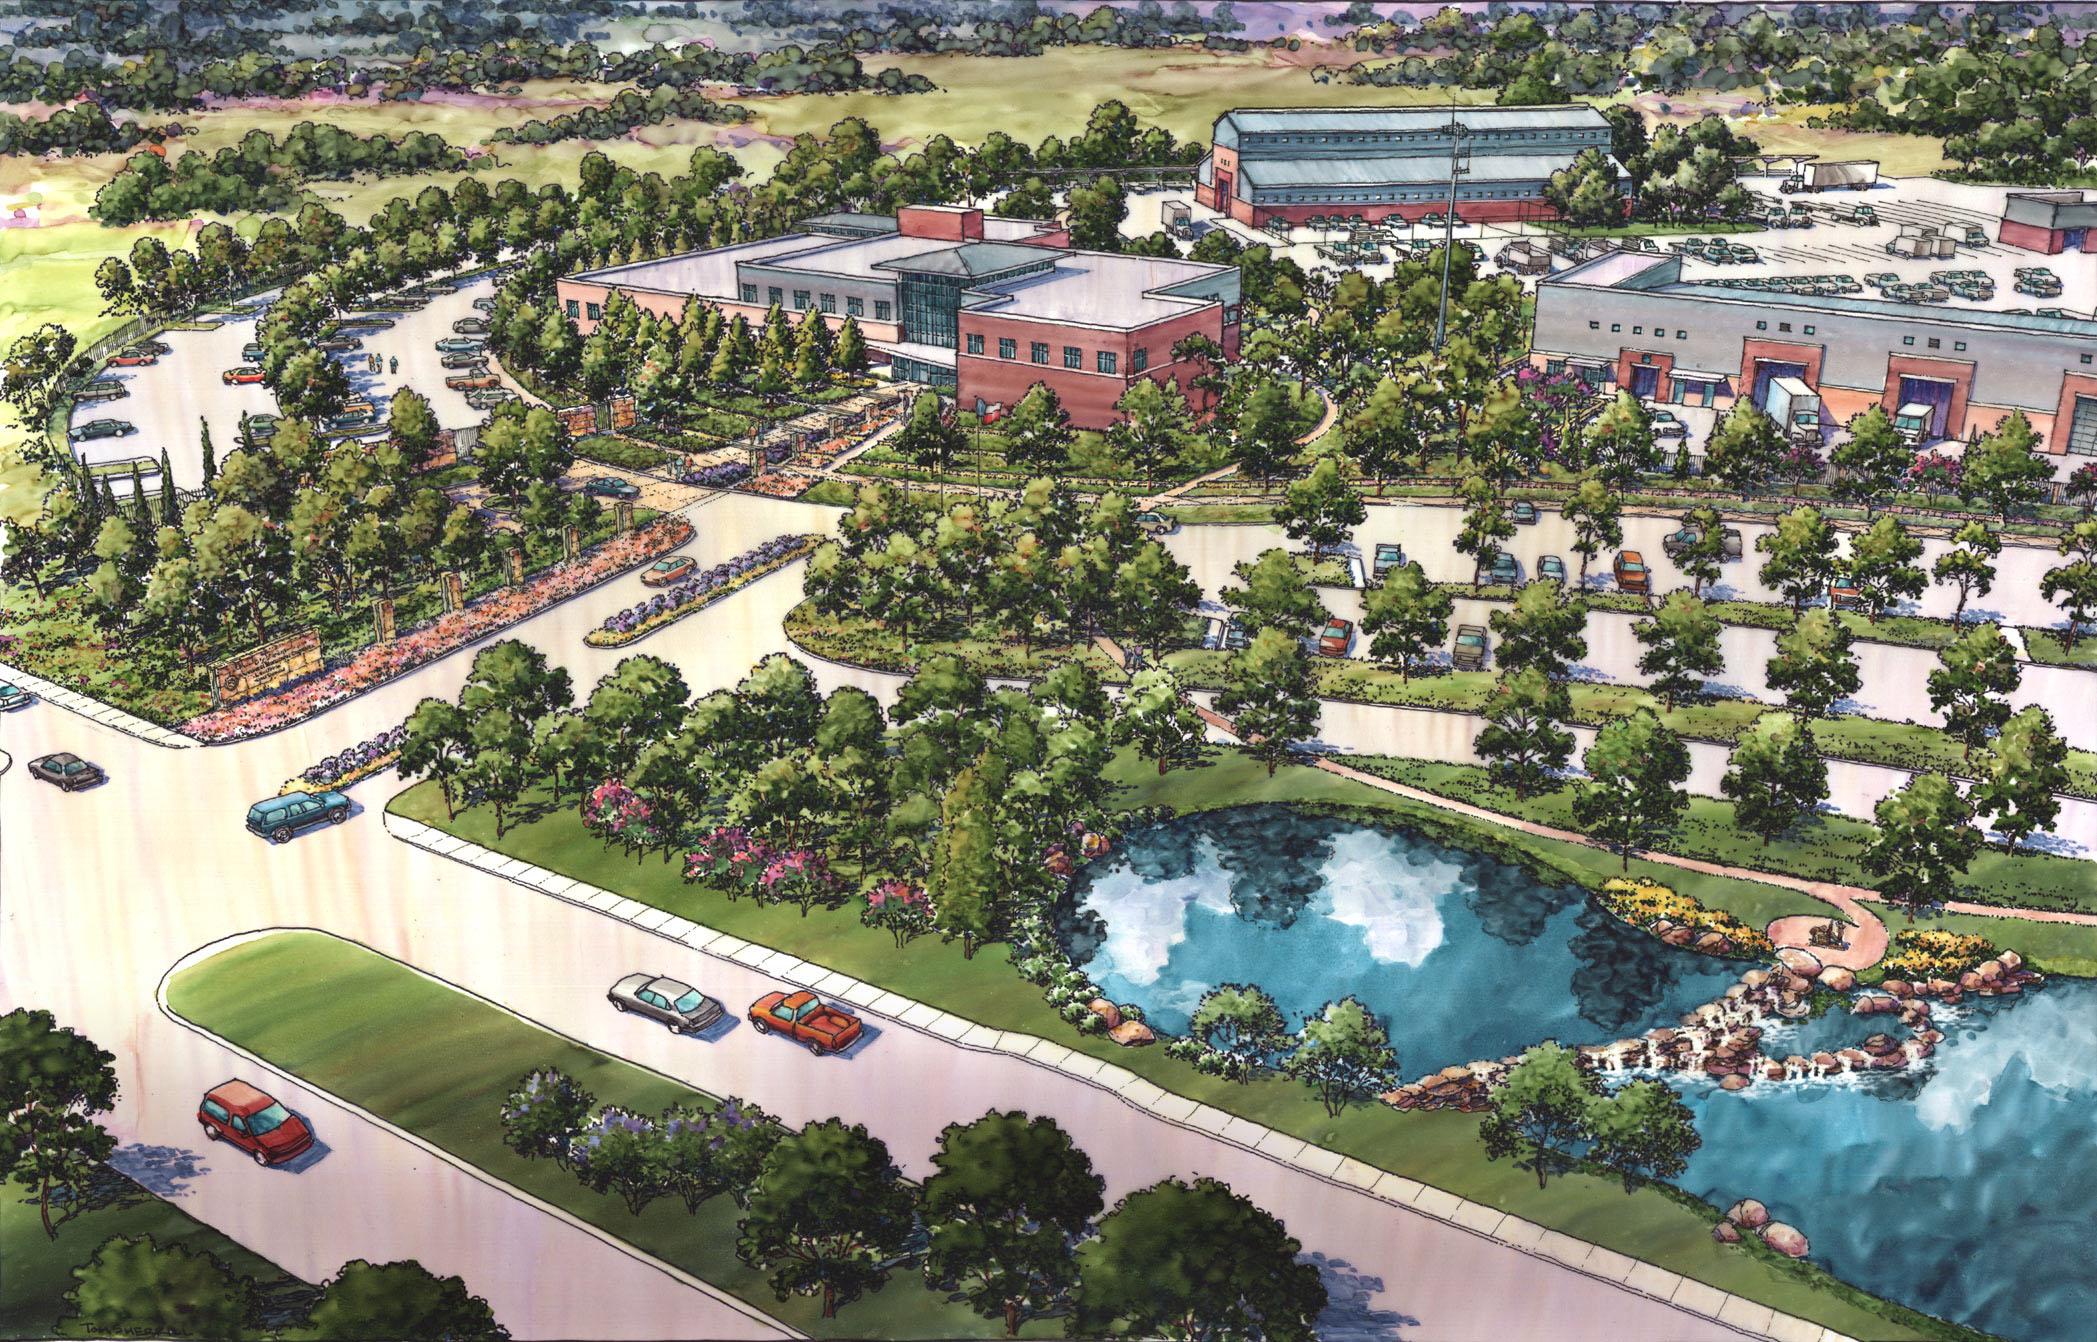 IrvingWaterAerial.jpg